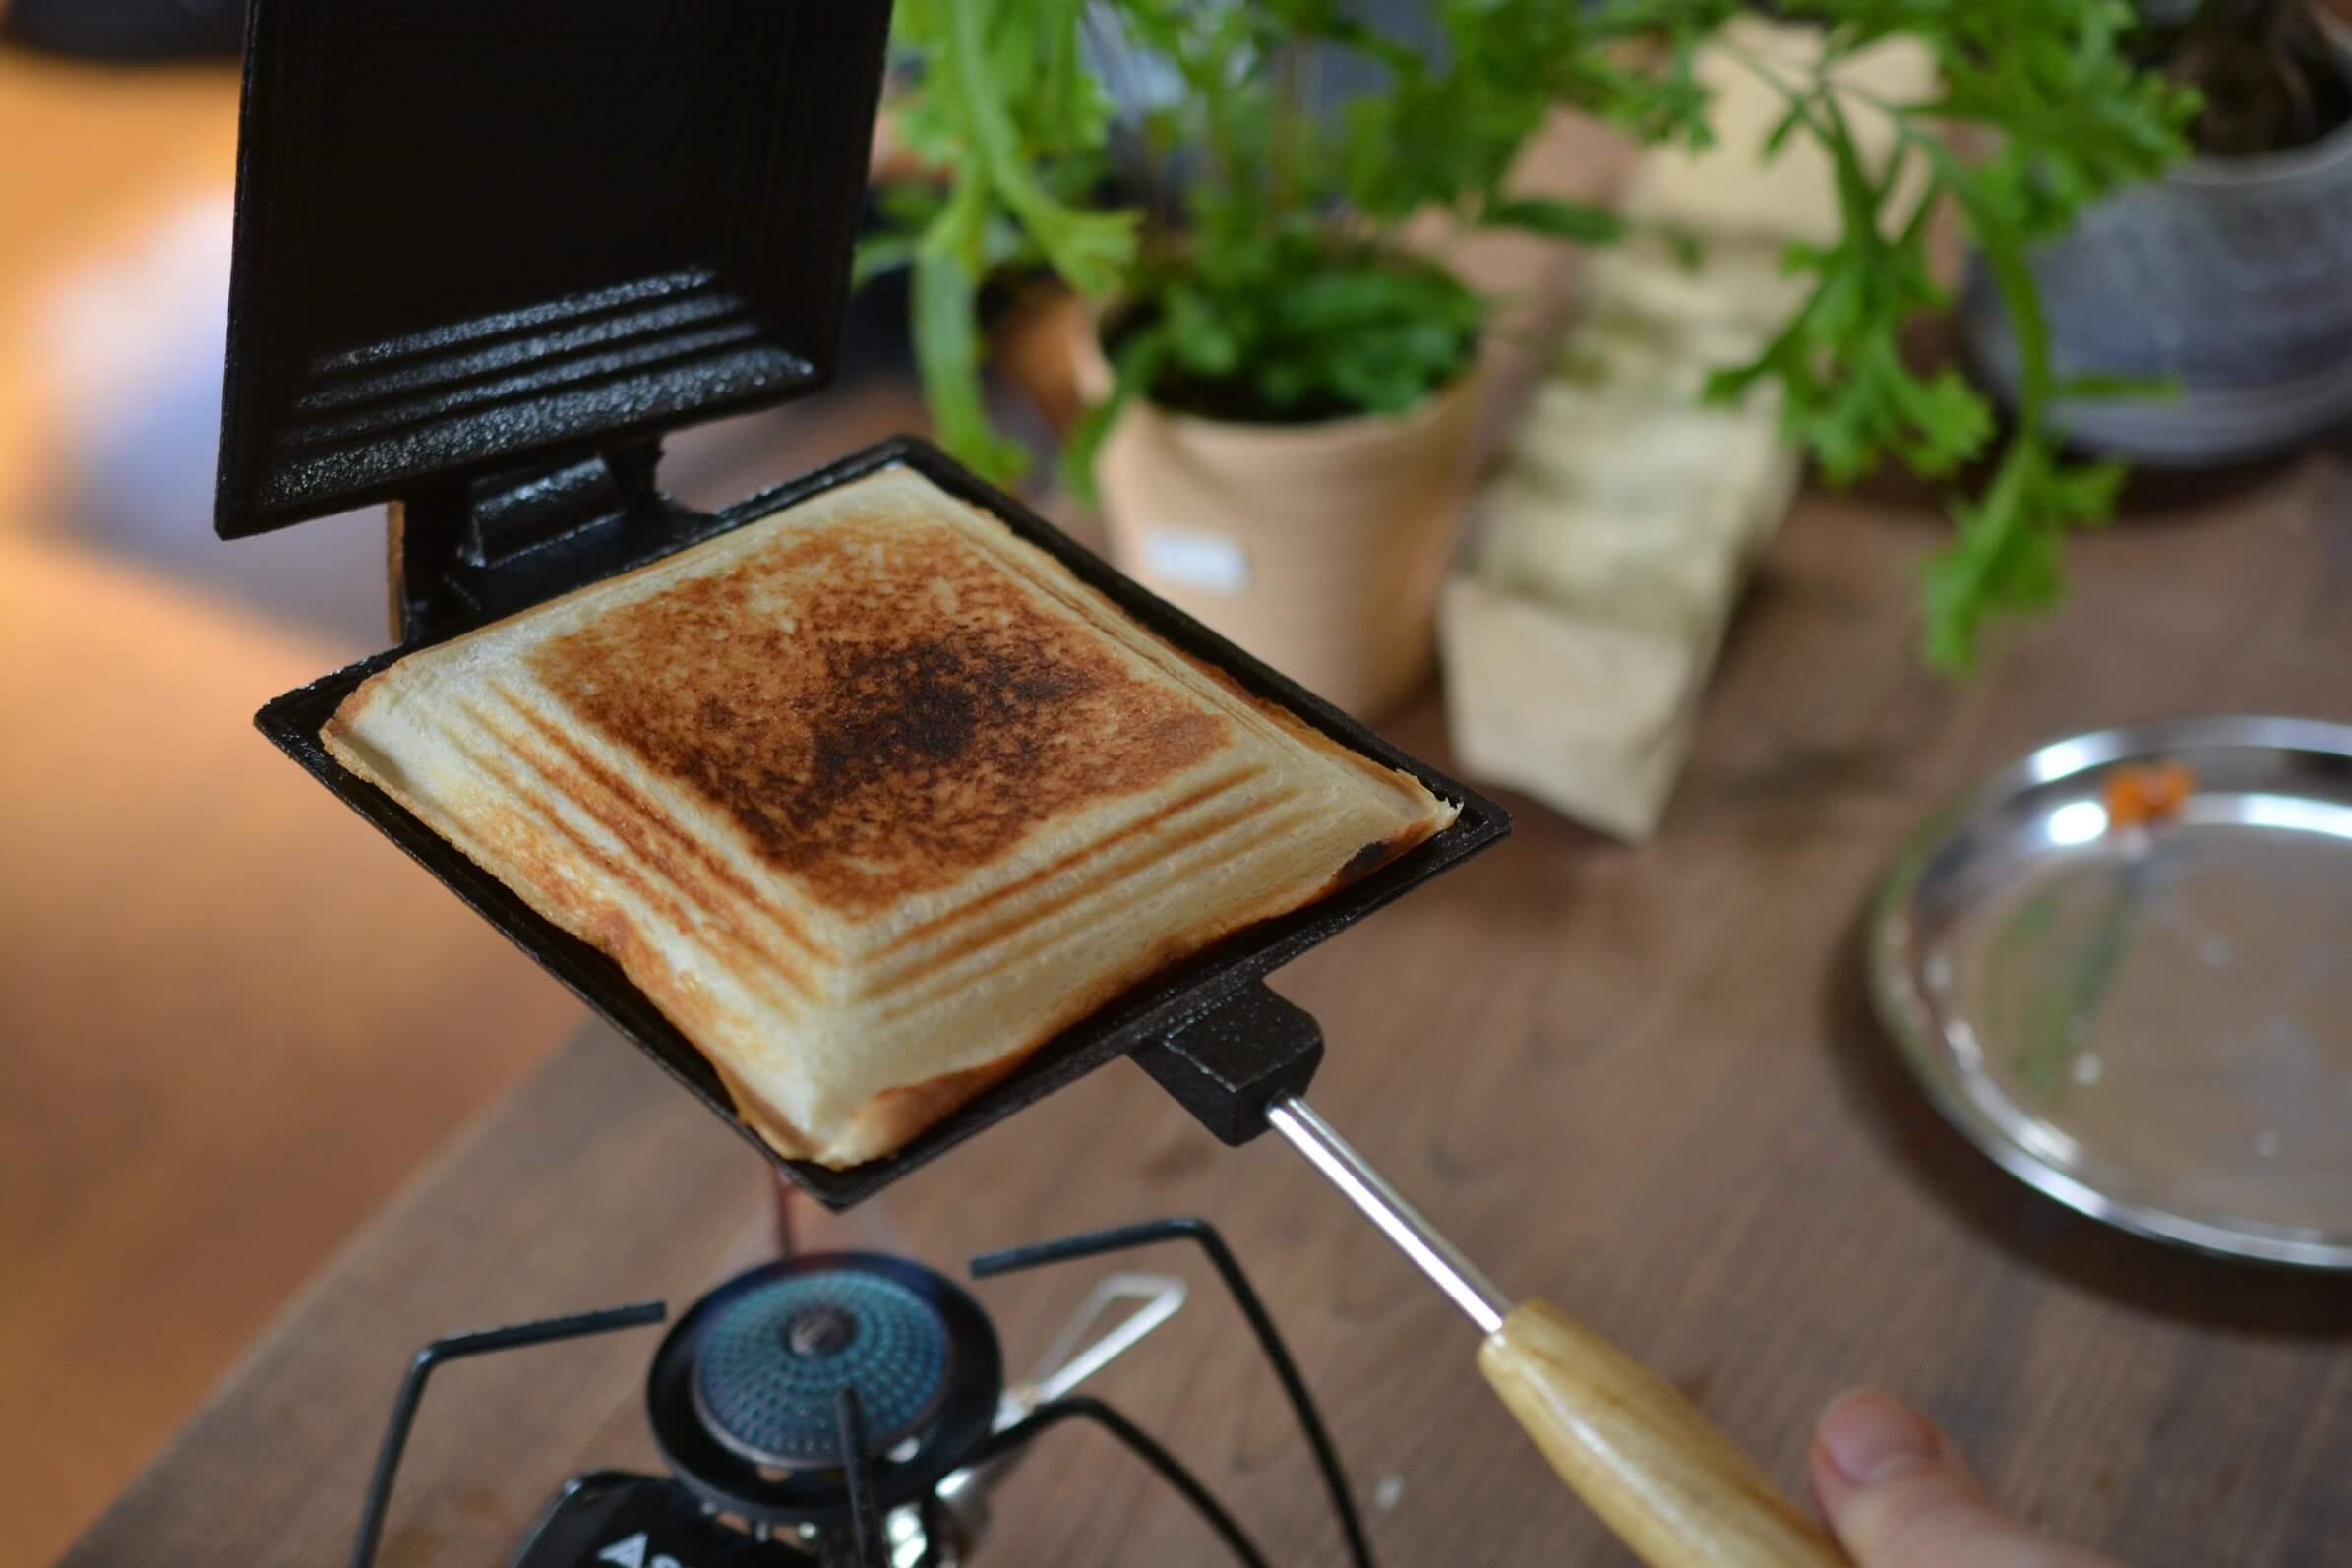 コフラン ホットサンドメーカー チーズタッカルビサンド 焼き上がり